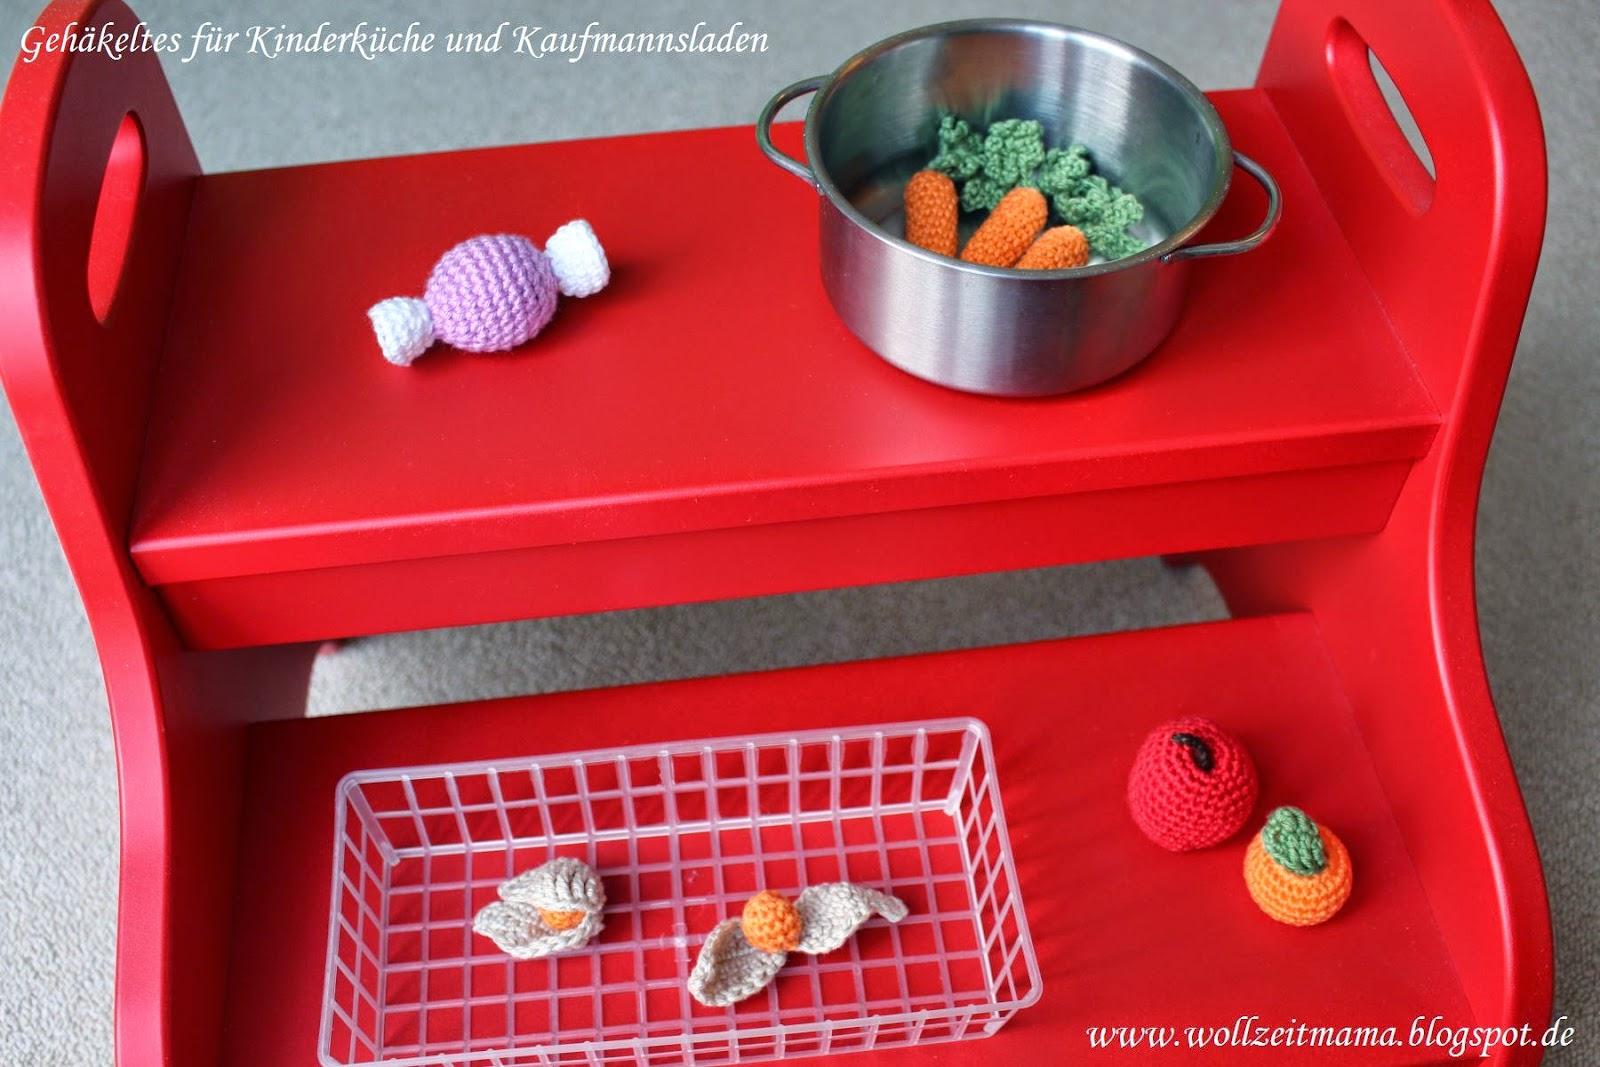 Gehäkeltes Obst, Gemüse und Süßes für Kinderküche und Kaufmannsladen